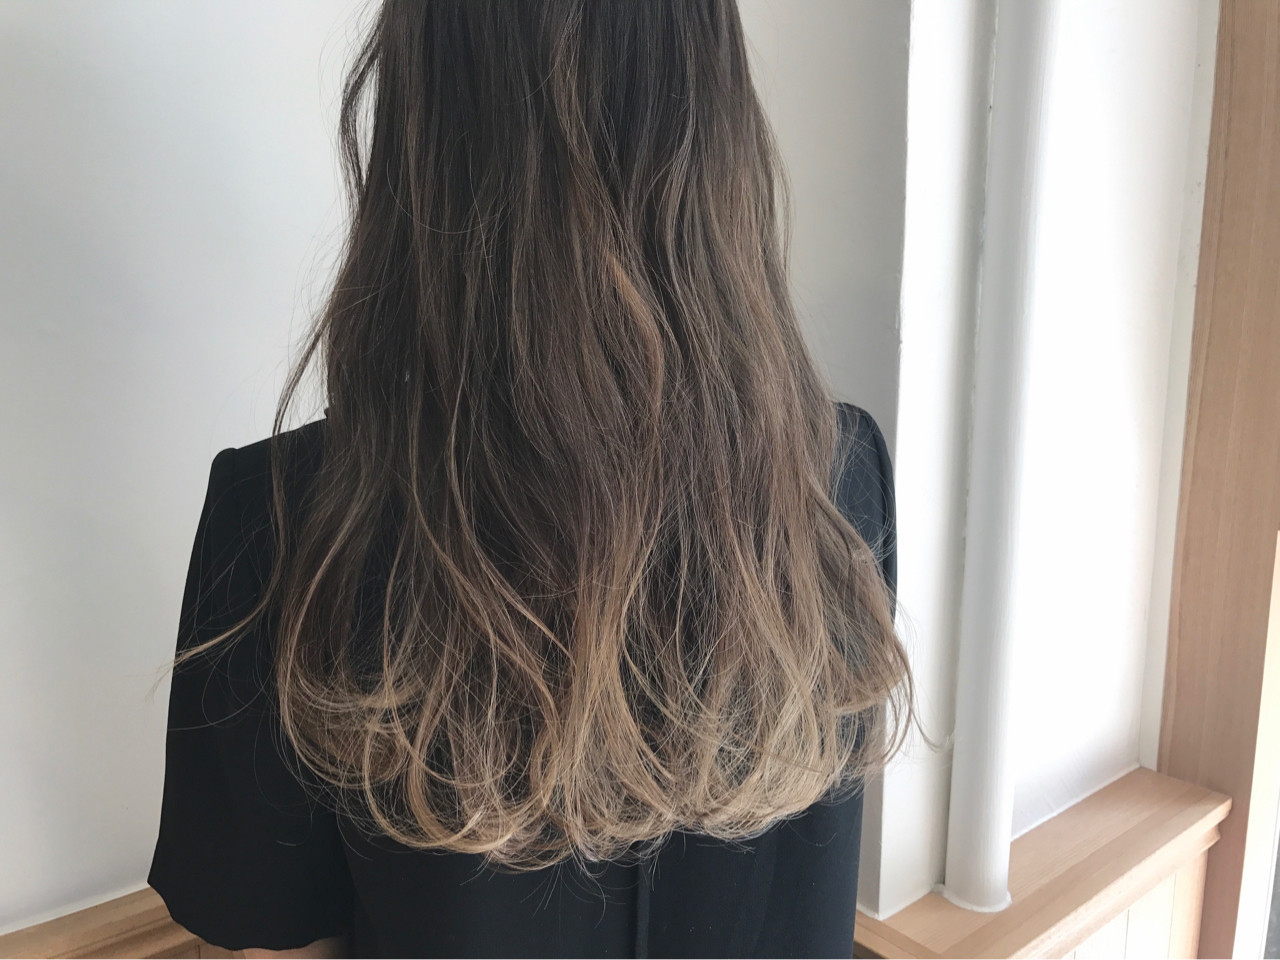 【髪型に迷う女子必見!】流行りの髪型でおしゃれ女子に変身♡の16枚目の画像